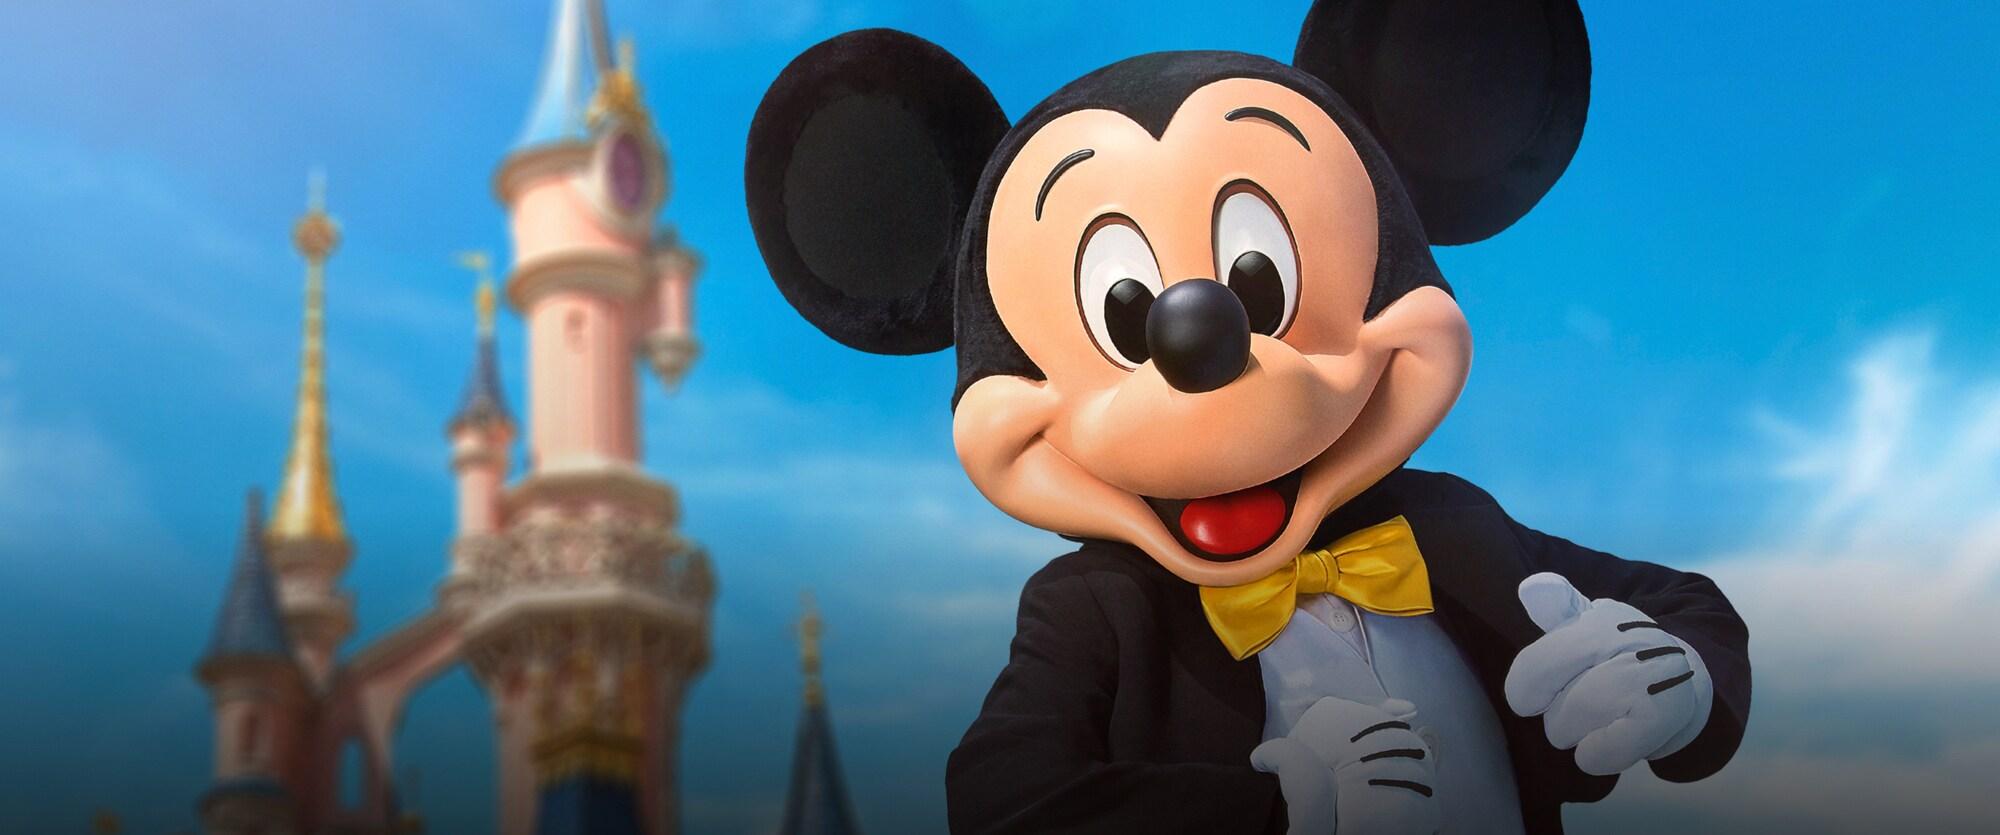 Bienvenido a Disney